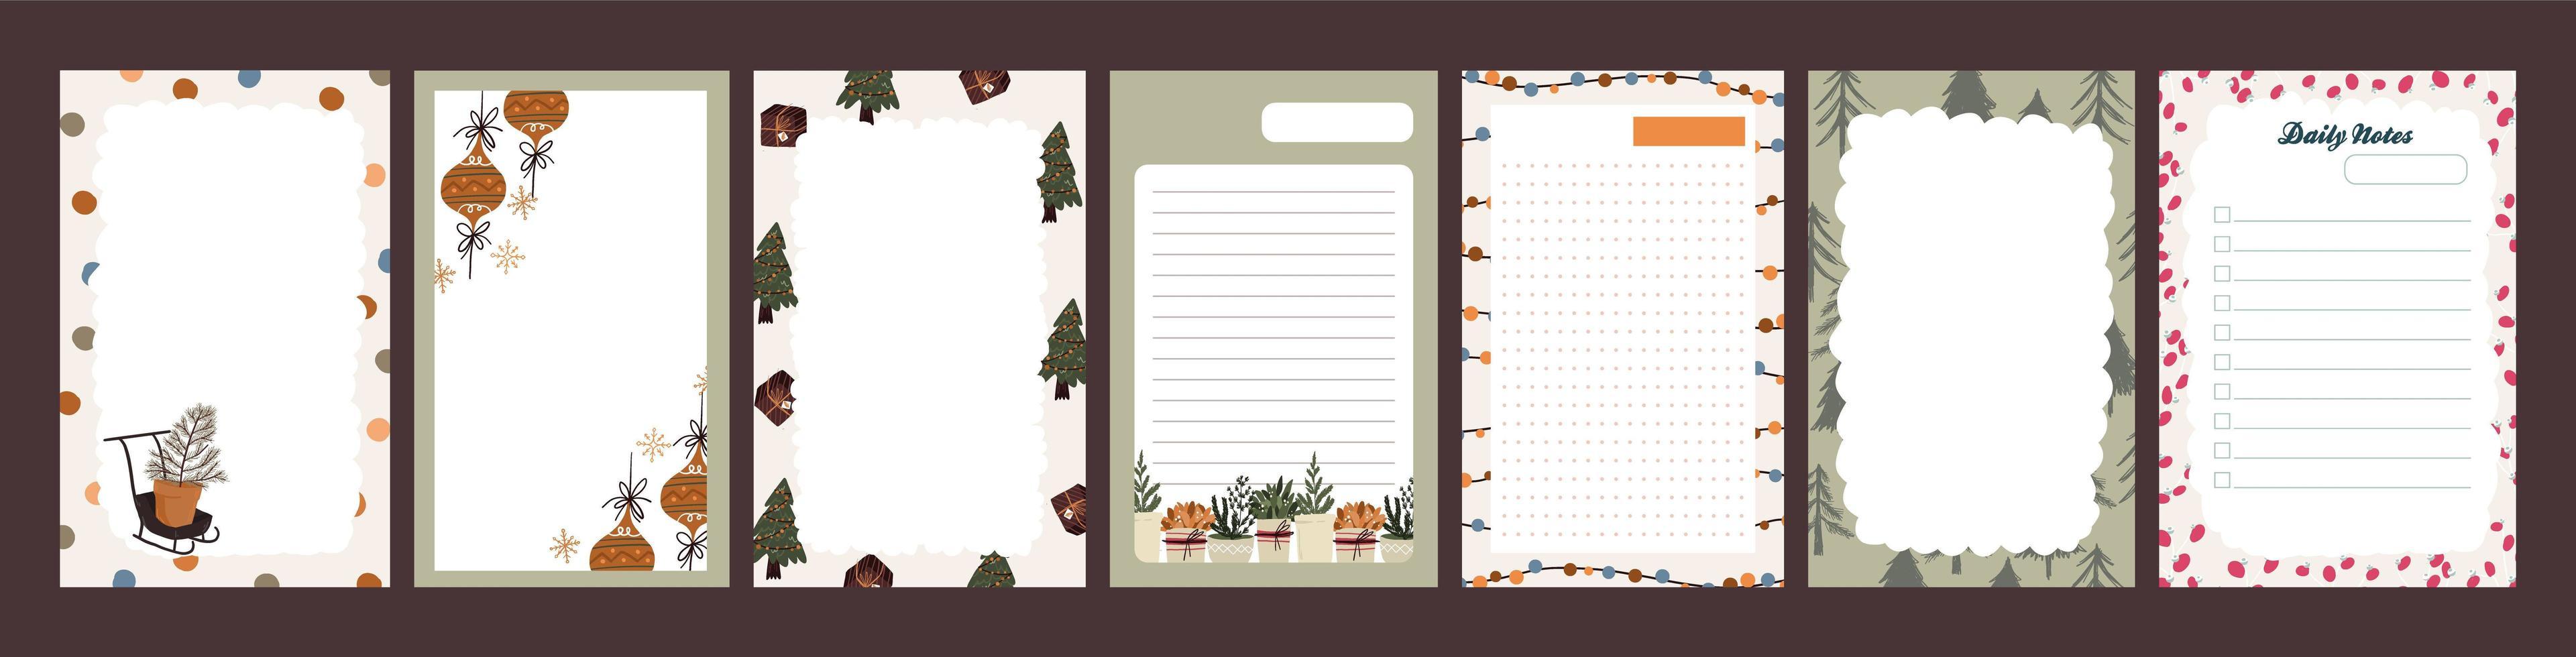 diario de vacaciones de navidad, juego de bloc de notas vector